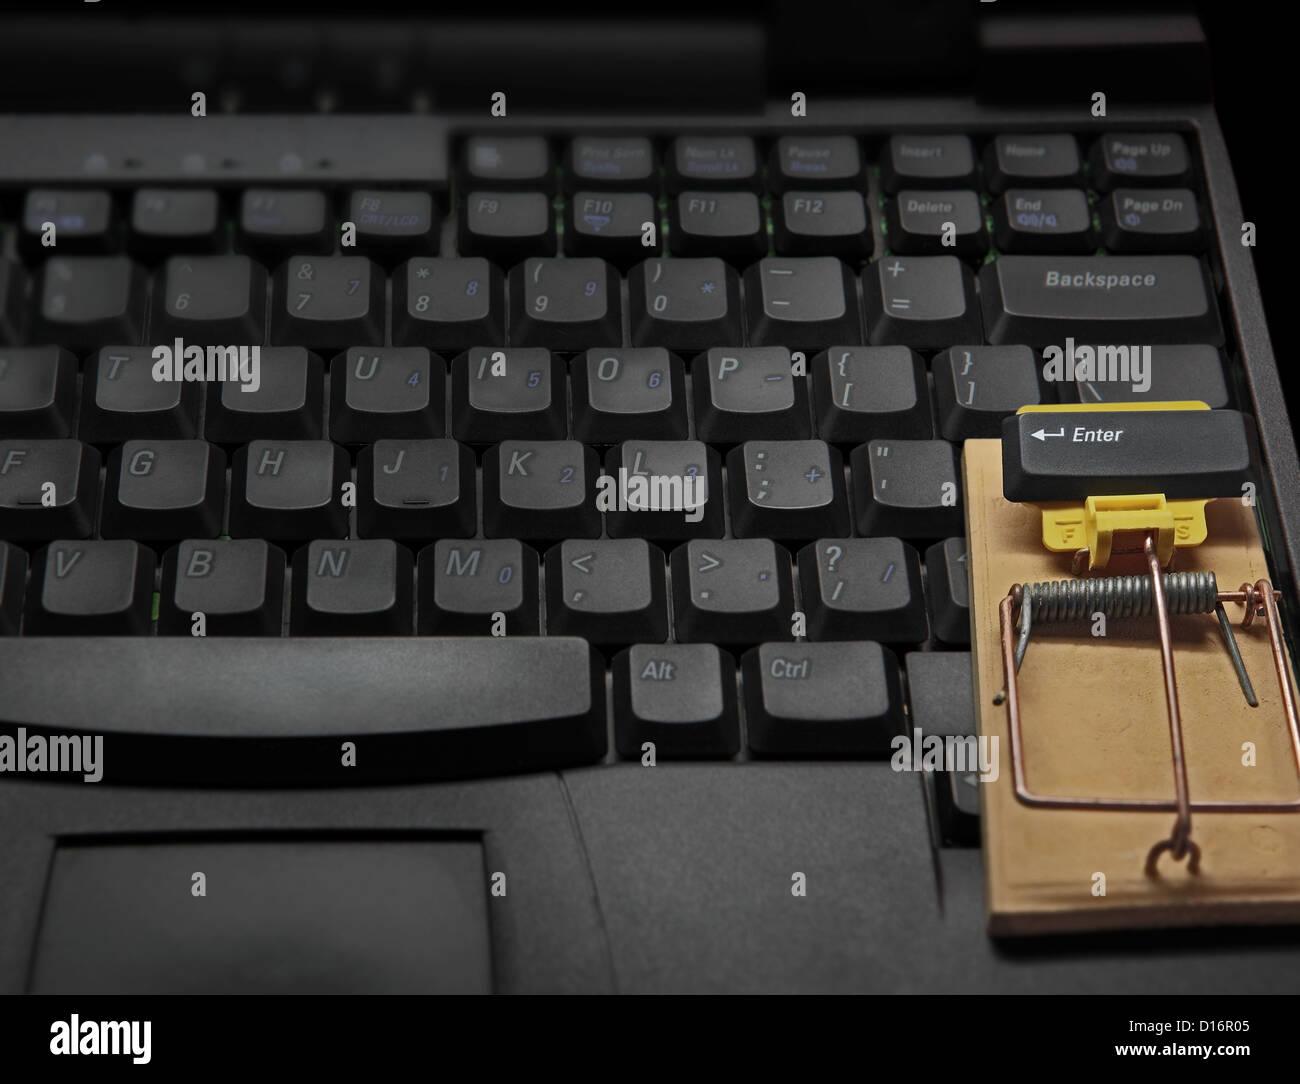 auf der Computertastatur sehen wir eine Mausefalle. Pech für diejenigen, die mit den Finger die ENTER-Taste Stockbild